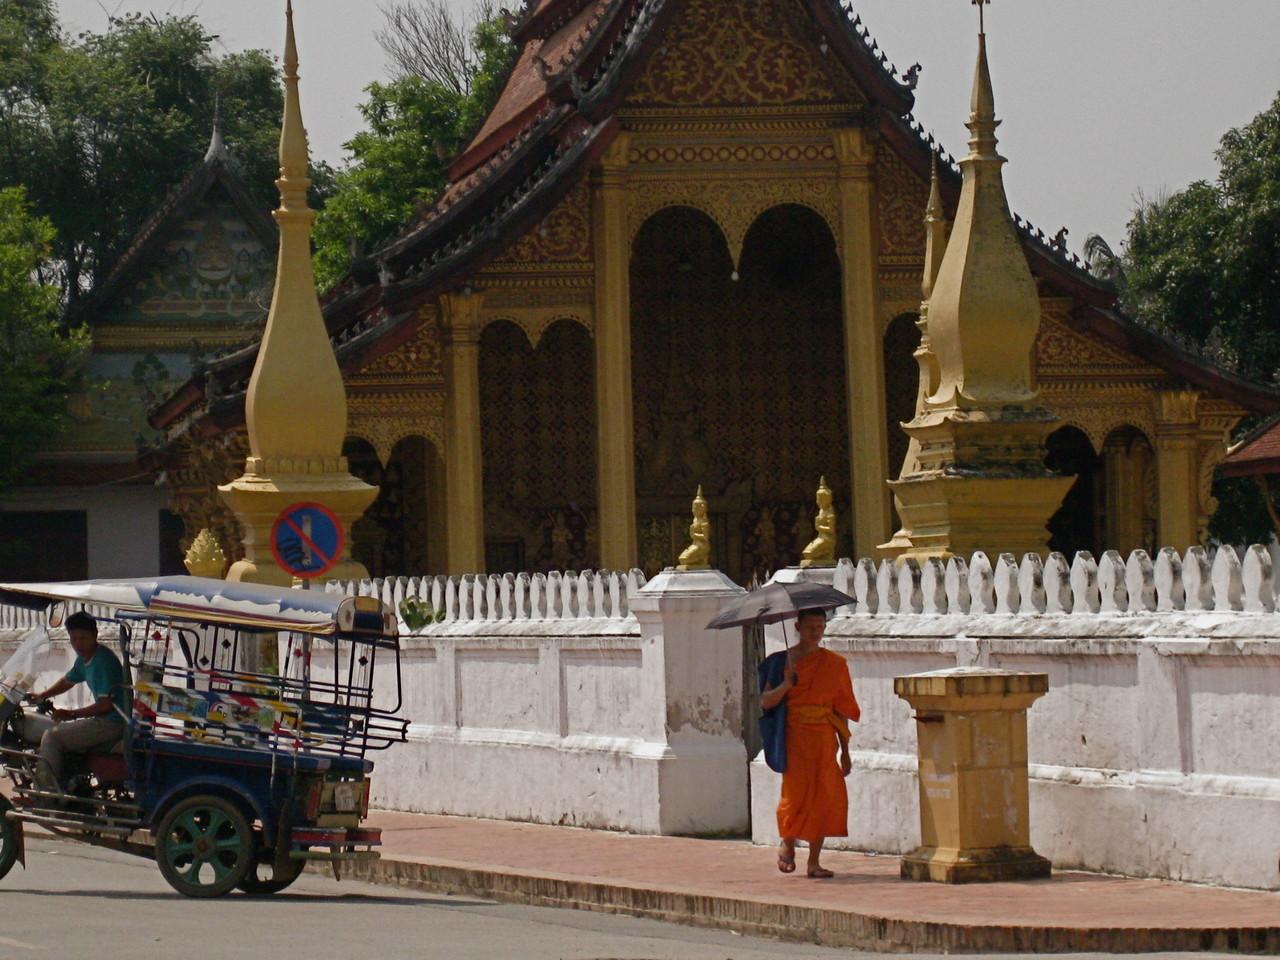 お寺が多すぎて、こちらは外から撮影して失礼します。